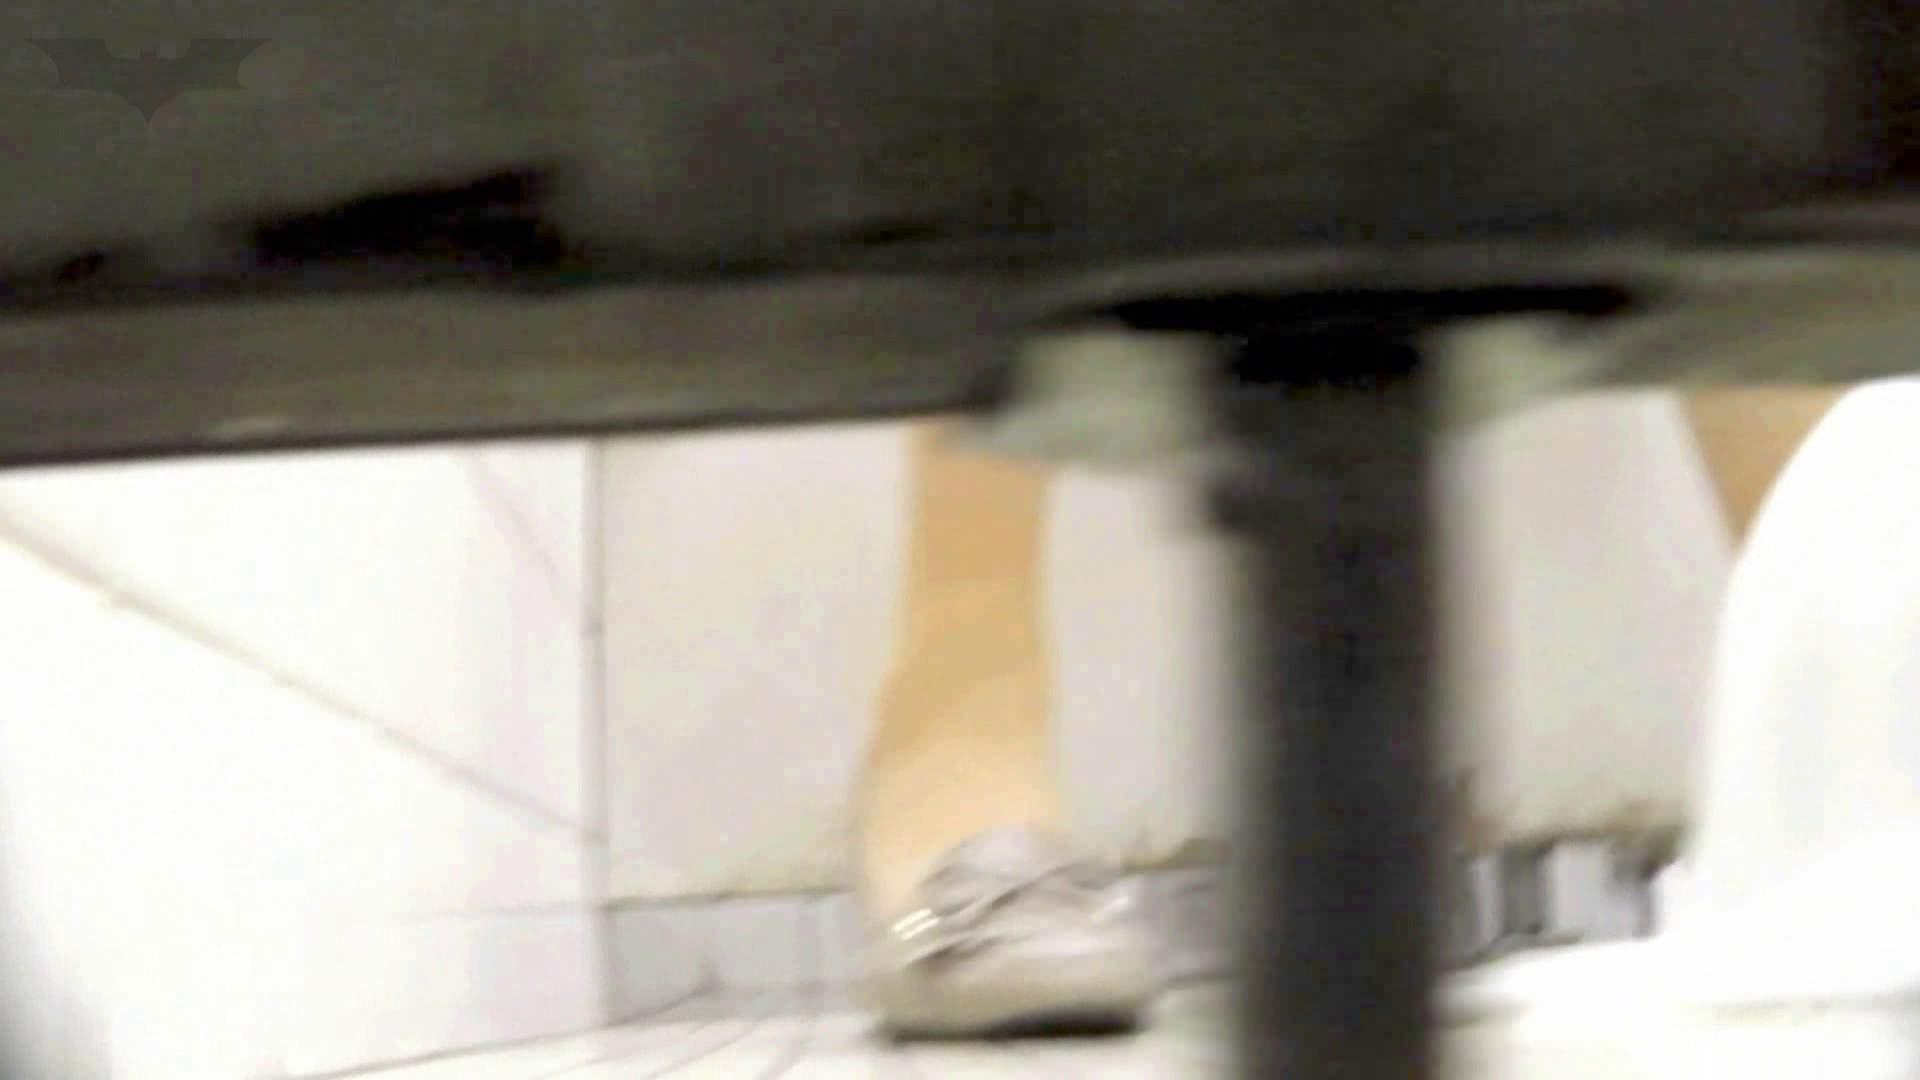 洗面所特攻隊 vol.74 last 2総勢16名激撮【2015・29位】 洗面所着替え | OL  37連発 22